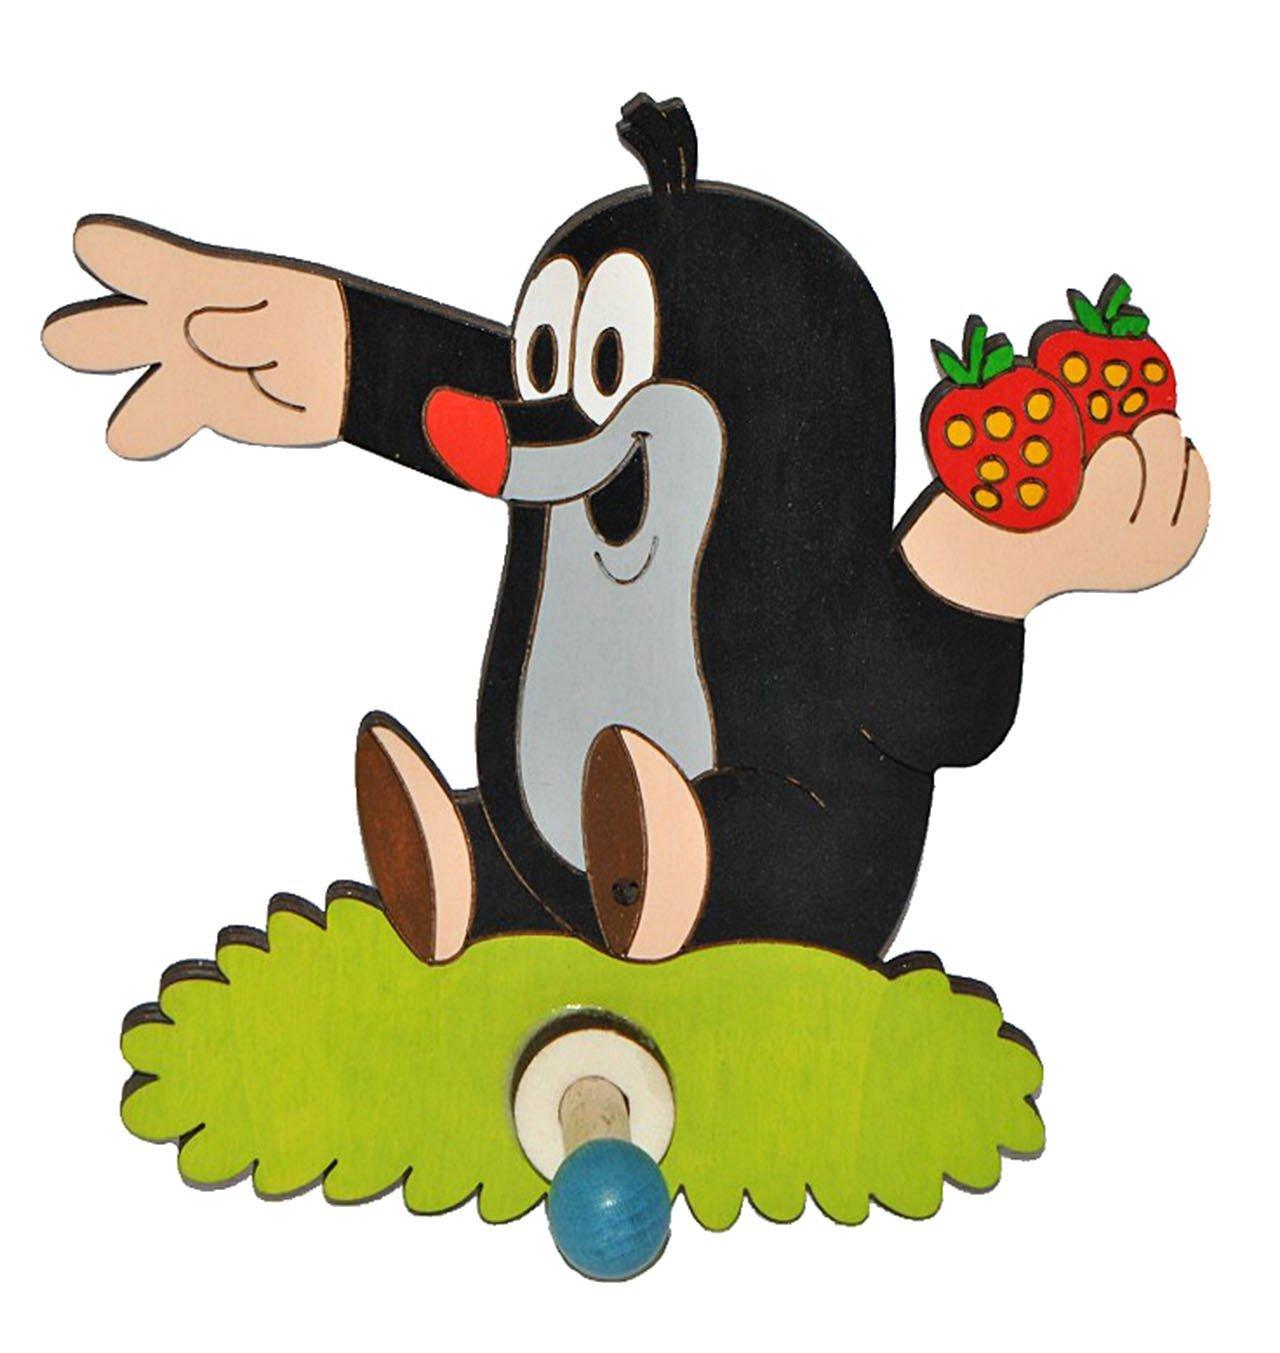 Kleiderhaken clipart  Garderobenhaken - der kleine Maulwurf mit Erdbeere - Holz Kinder ...